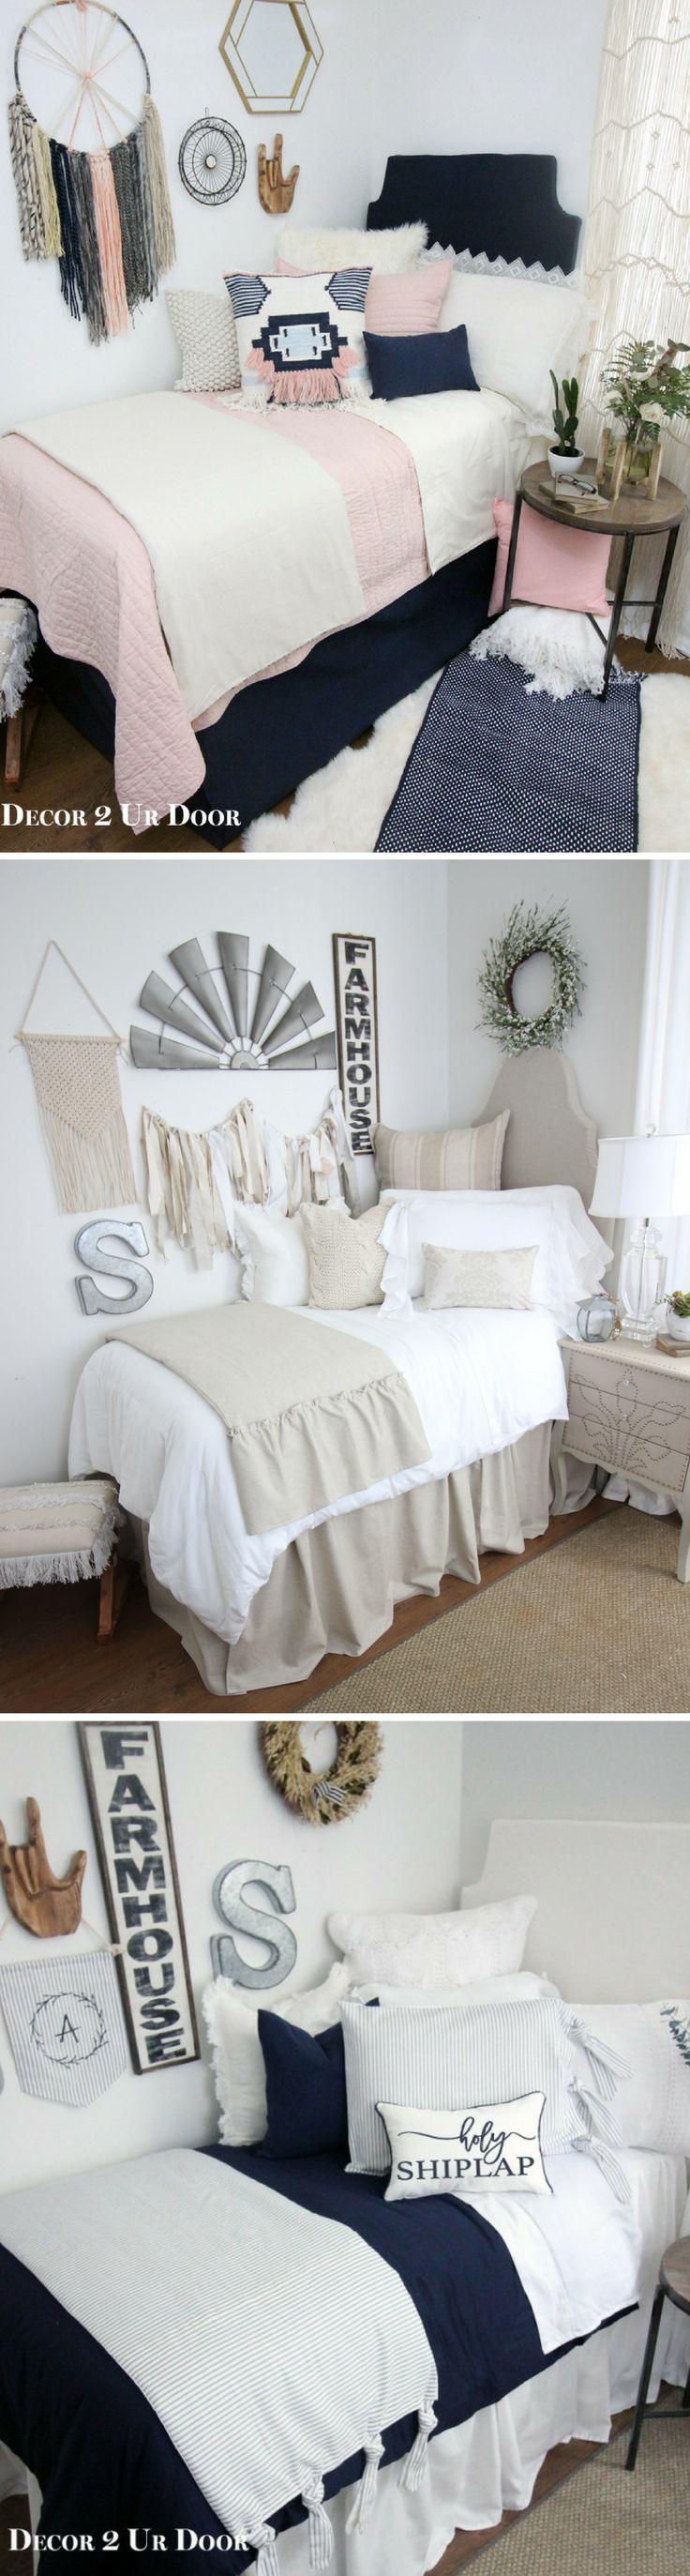 Best 25+ Dorm bed skirts ideas on Pinterest | Monogram ...